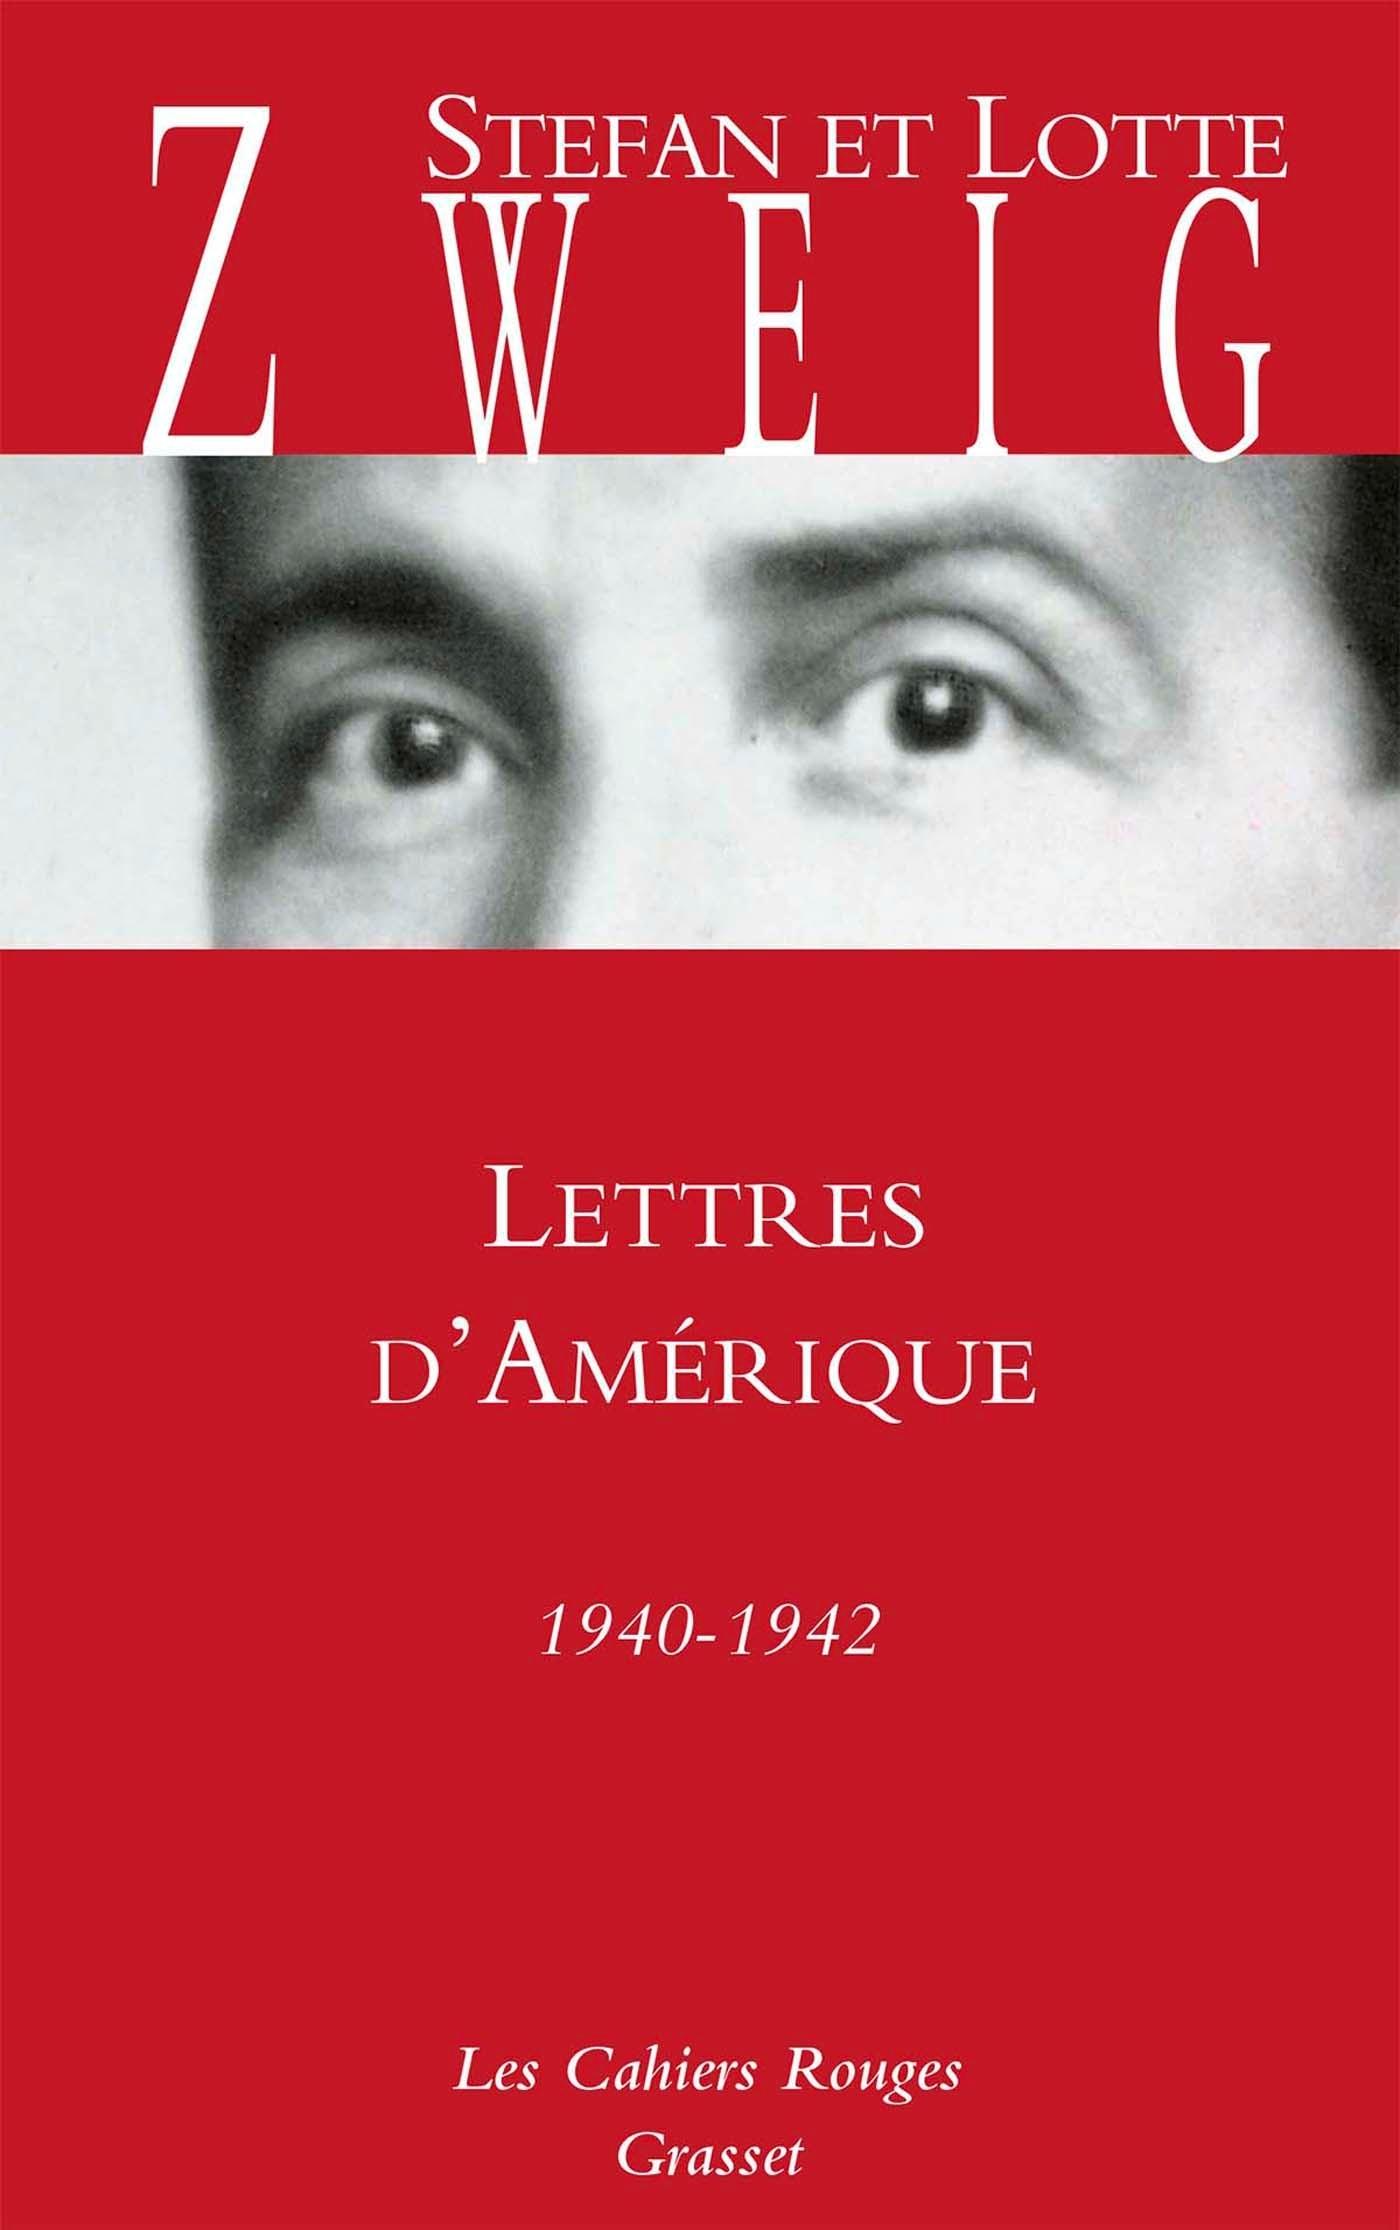 LETTRES D'AMERIQUE - 1940-1942